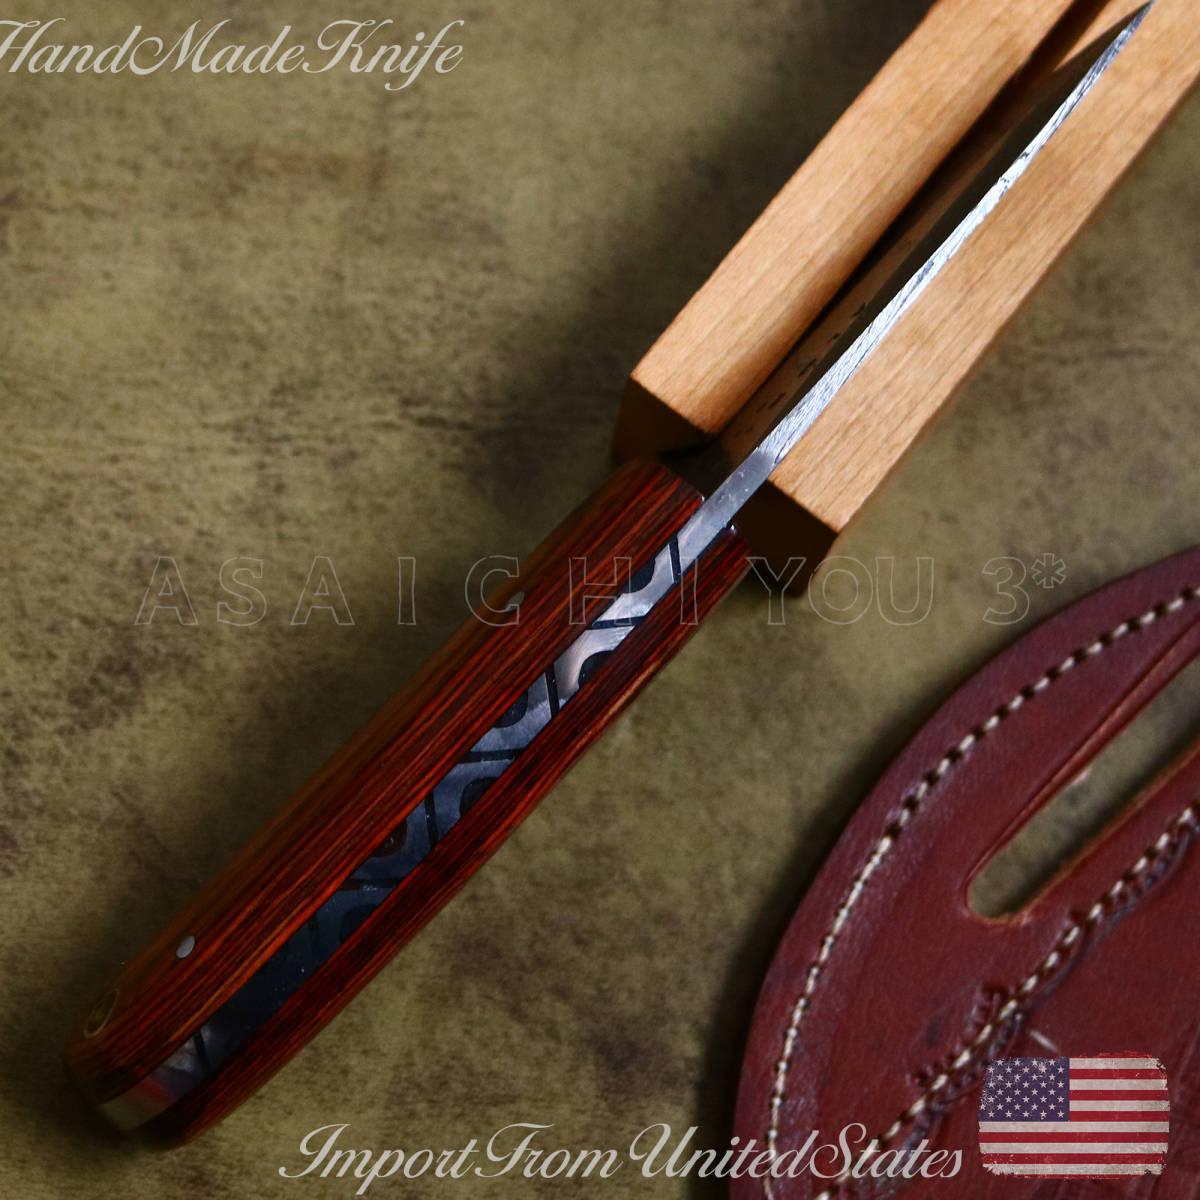 【アメリカ製】ダマスカス鋼 アウトドア コンパクトスキナーナイフ/ウッドハンドル×フルタング/職人製作/本革シース付/釣り、キャンプに♪